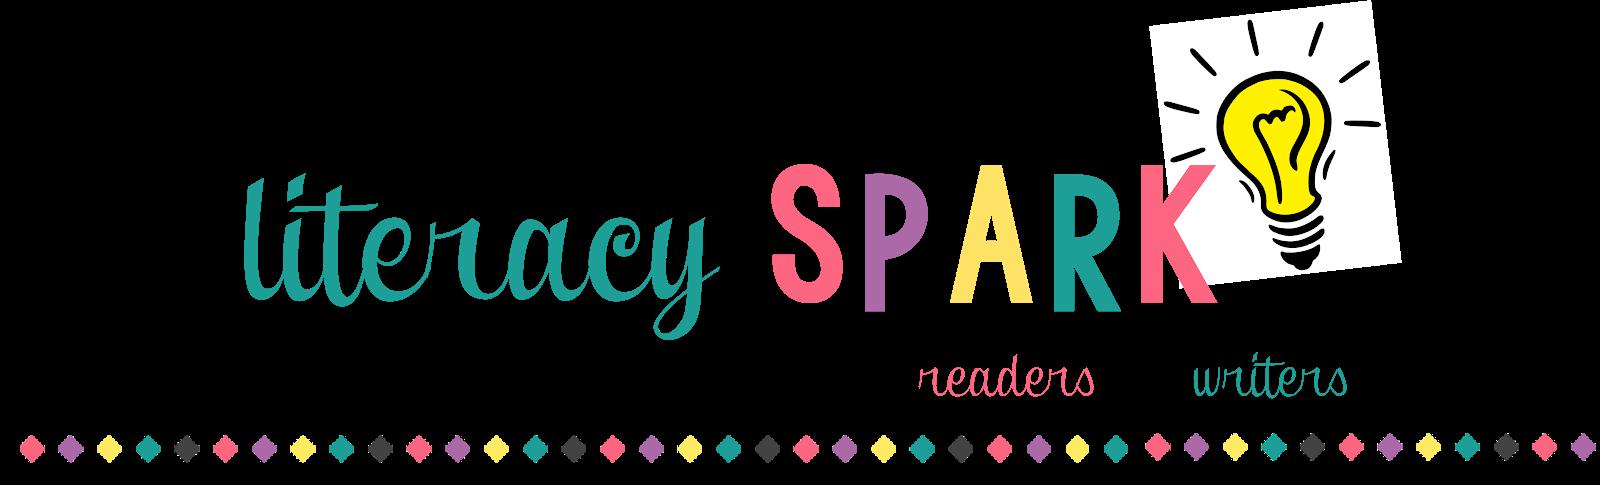 Literacy Spark